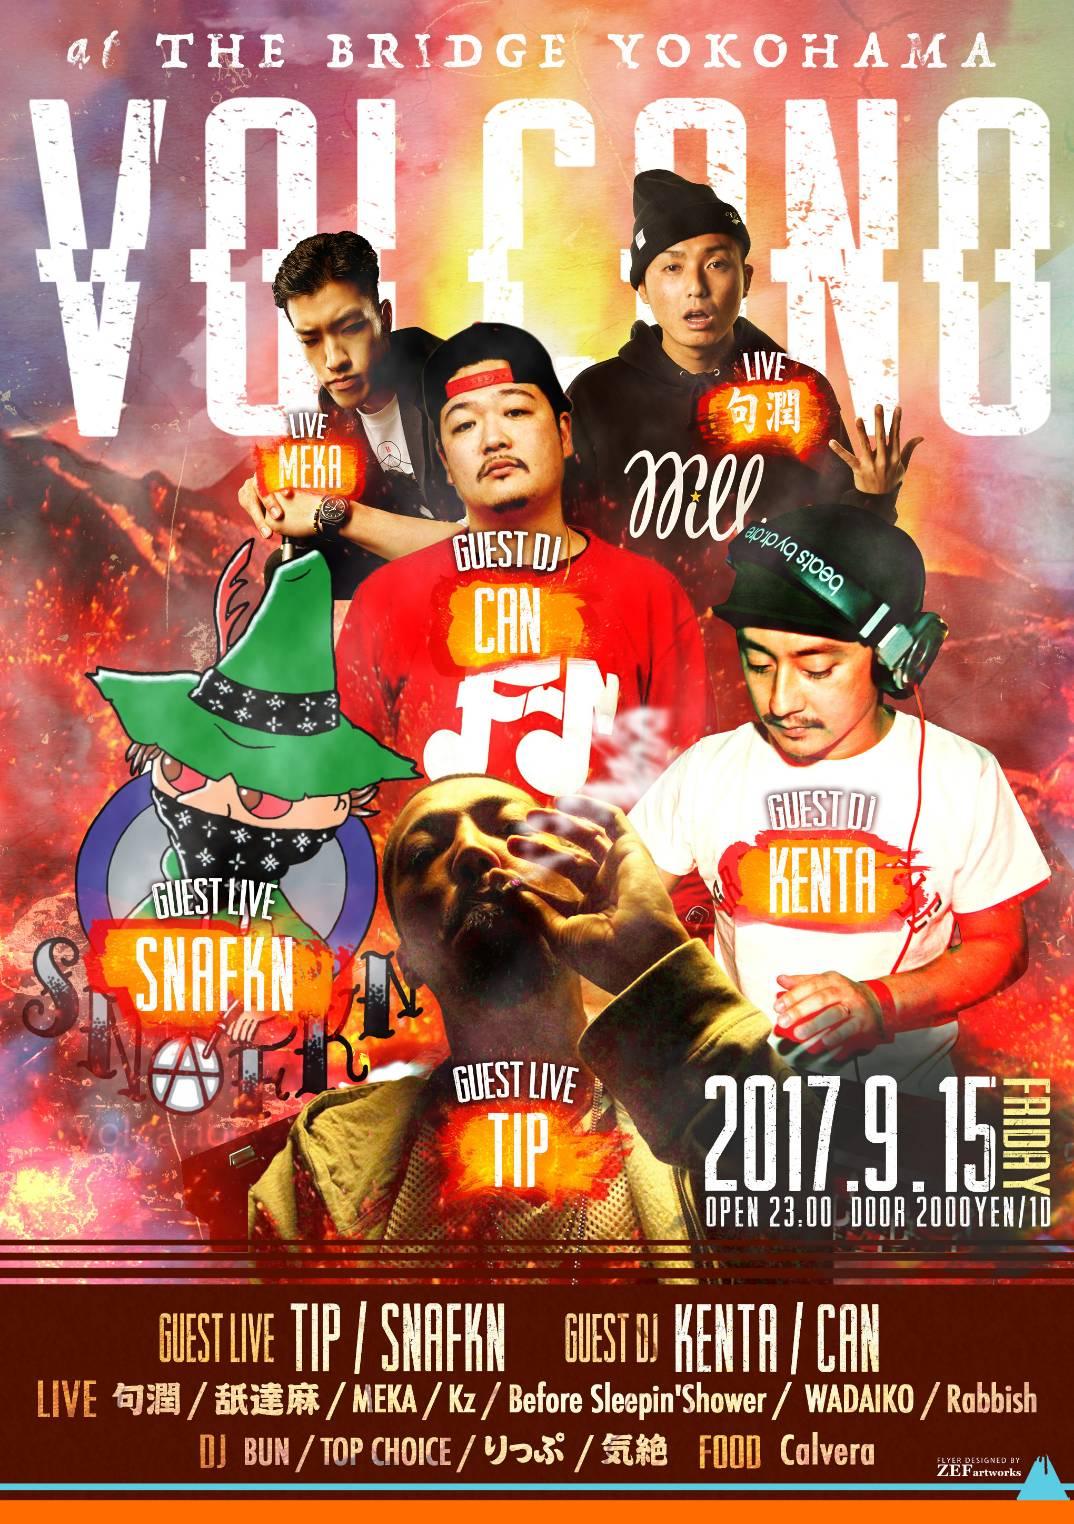 volcano-bridgeyokohama